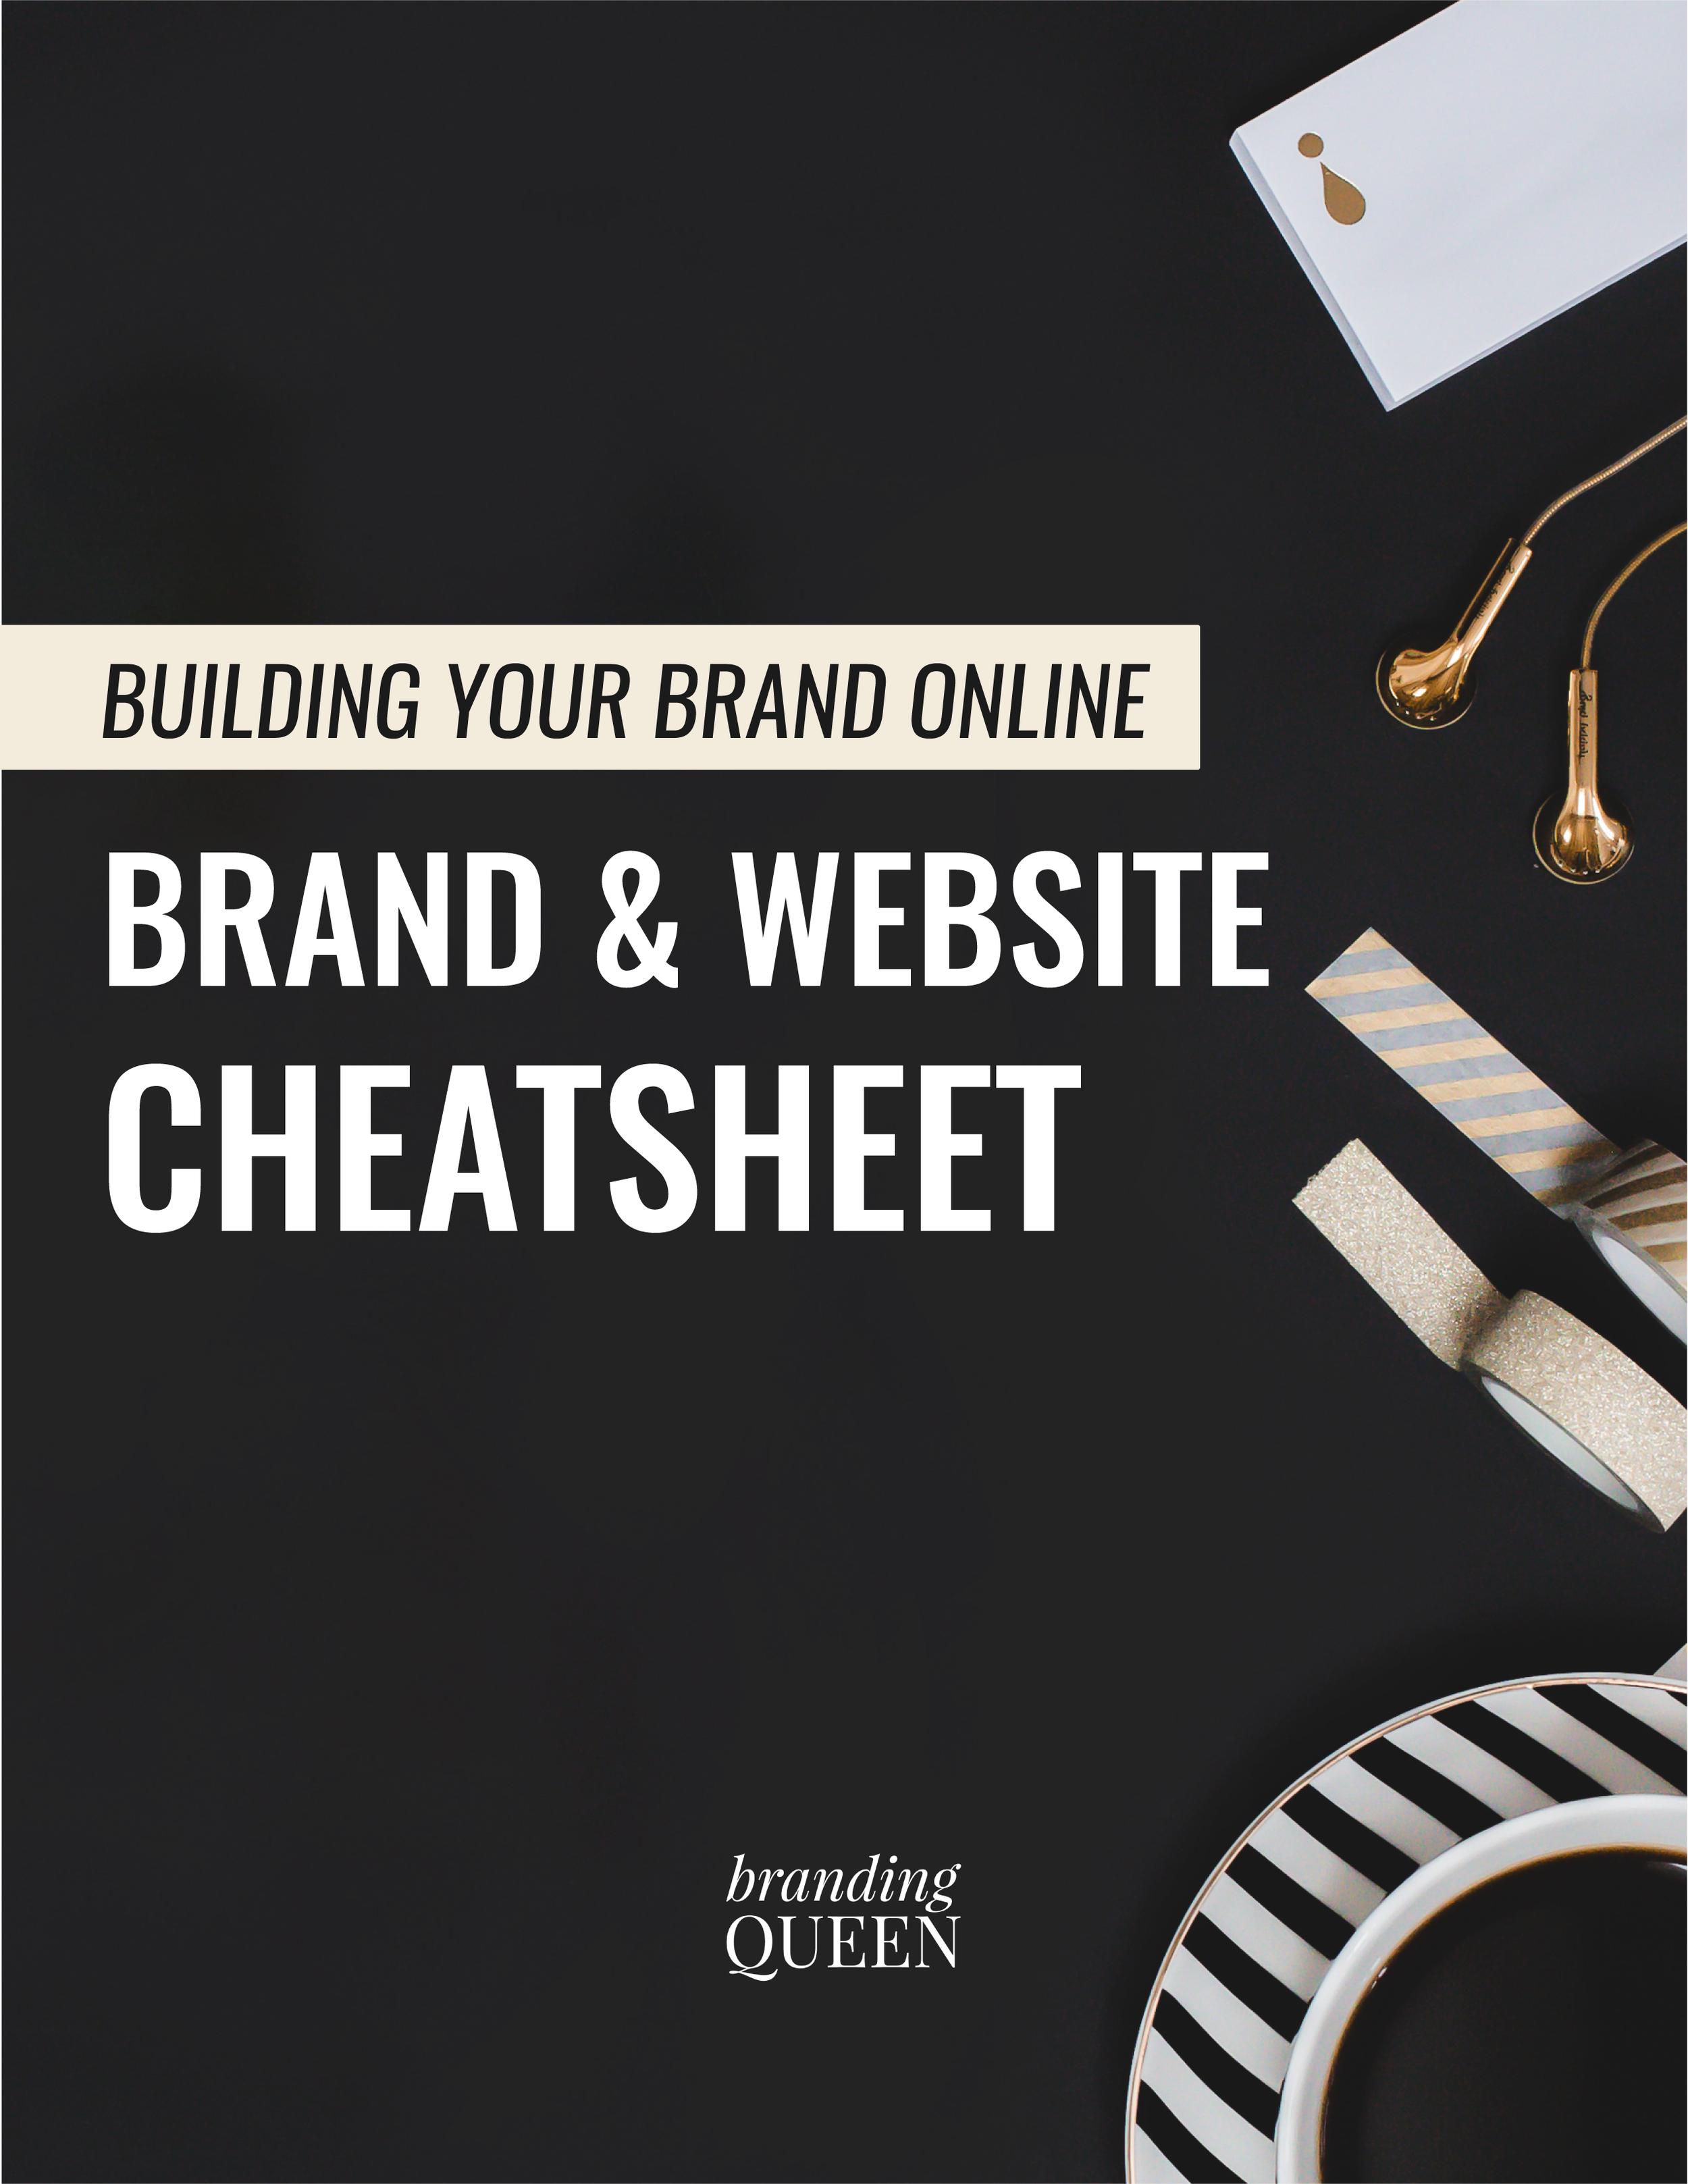 Website and Brand Cheatsheet Branding Queen Cassia Marina